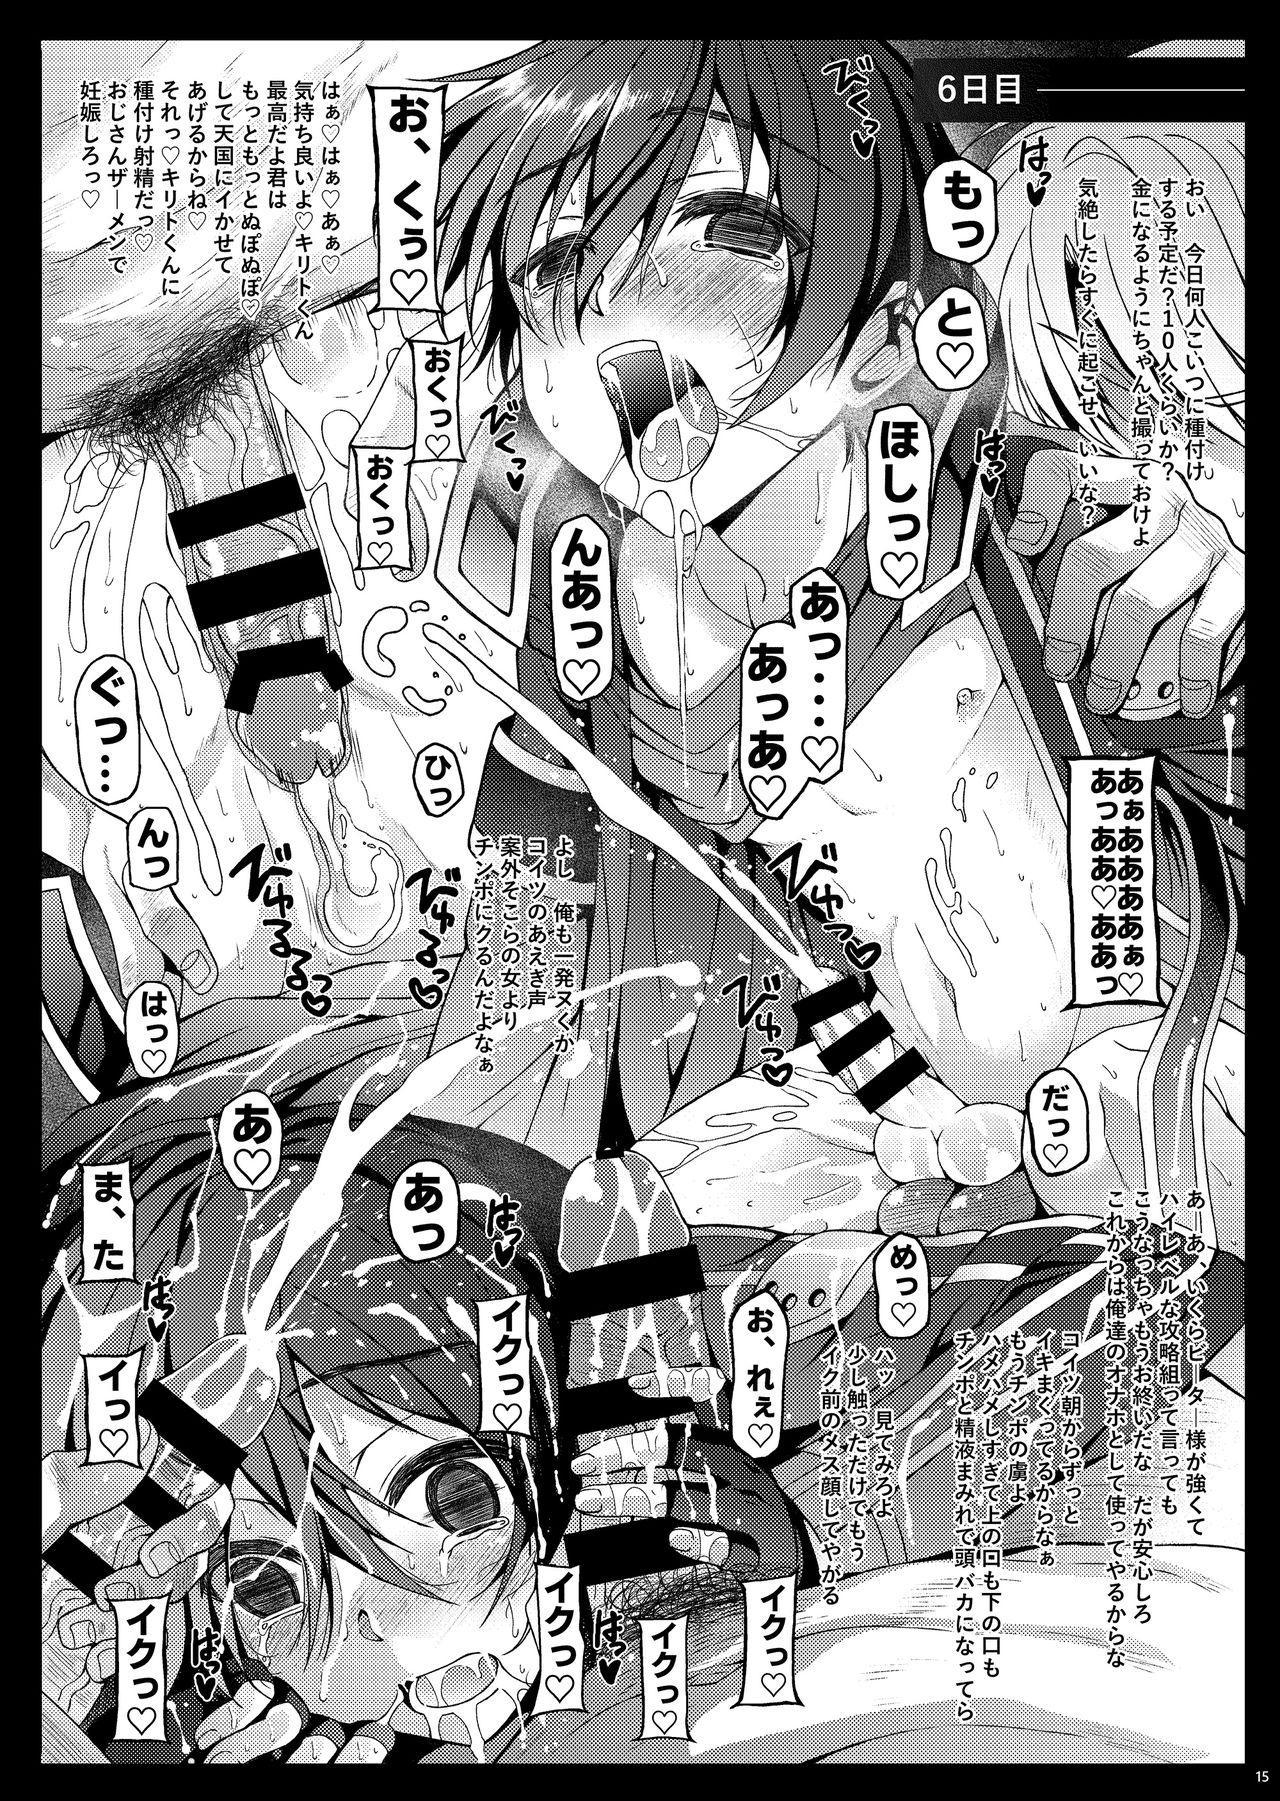 Kuro no Kenshi Ryoujoku 14